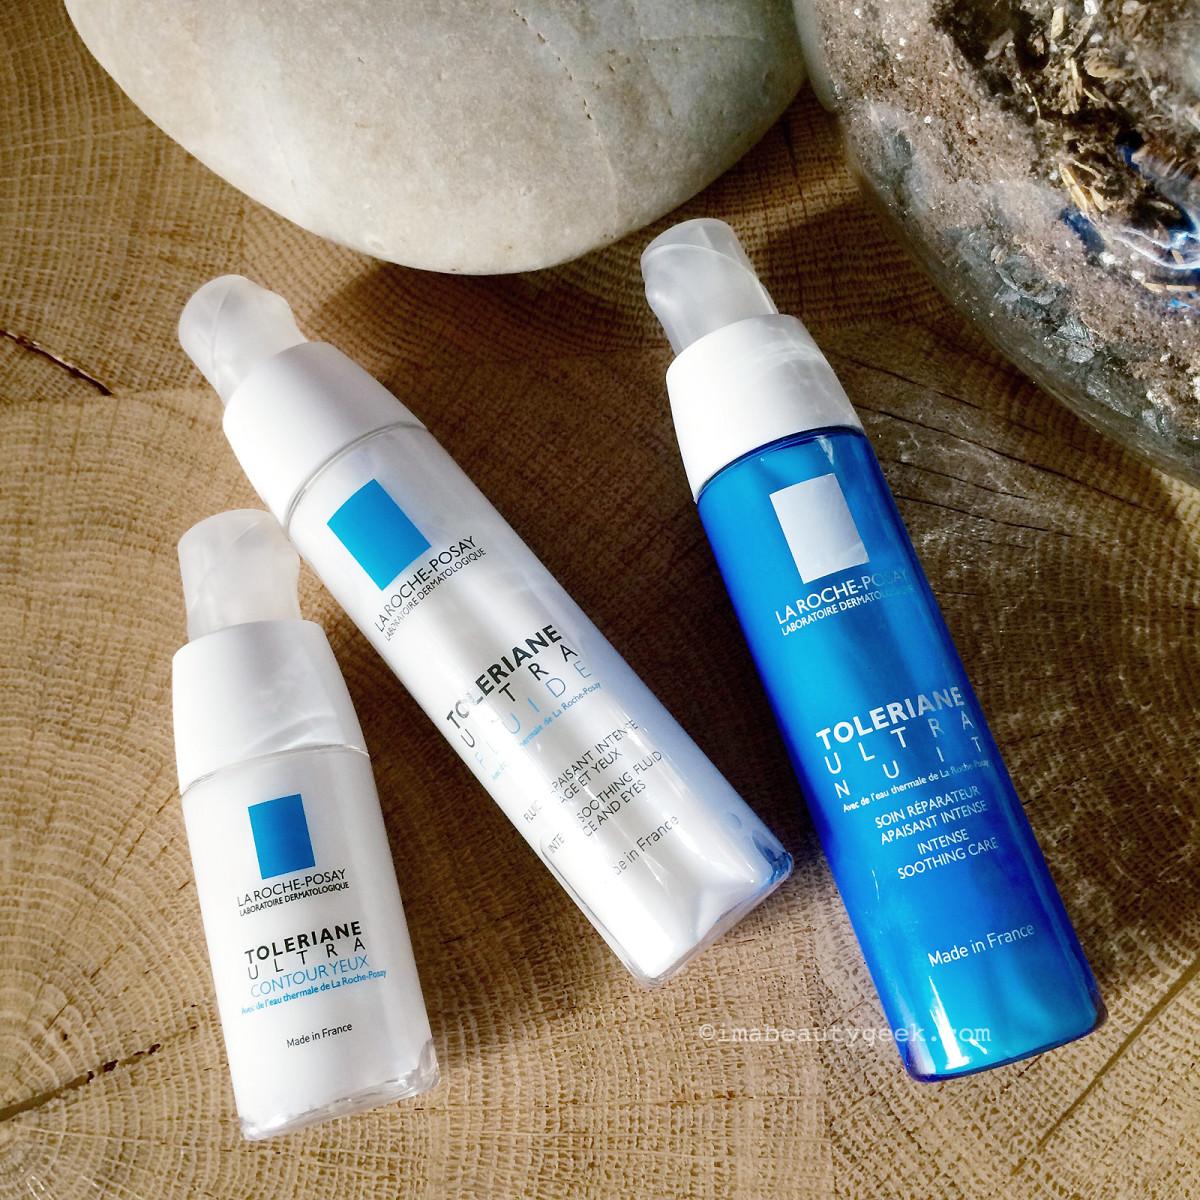 La Roche-Posay Toleriane Ultra skincare for sensitive skin